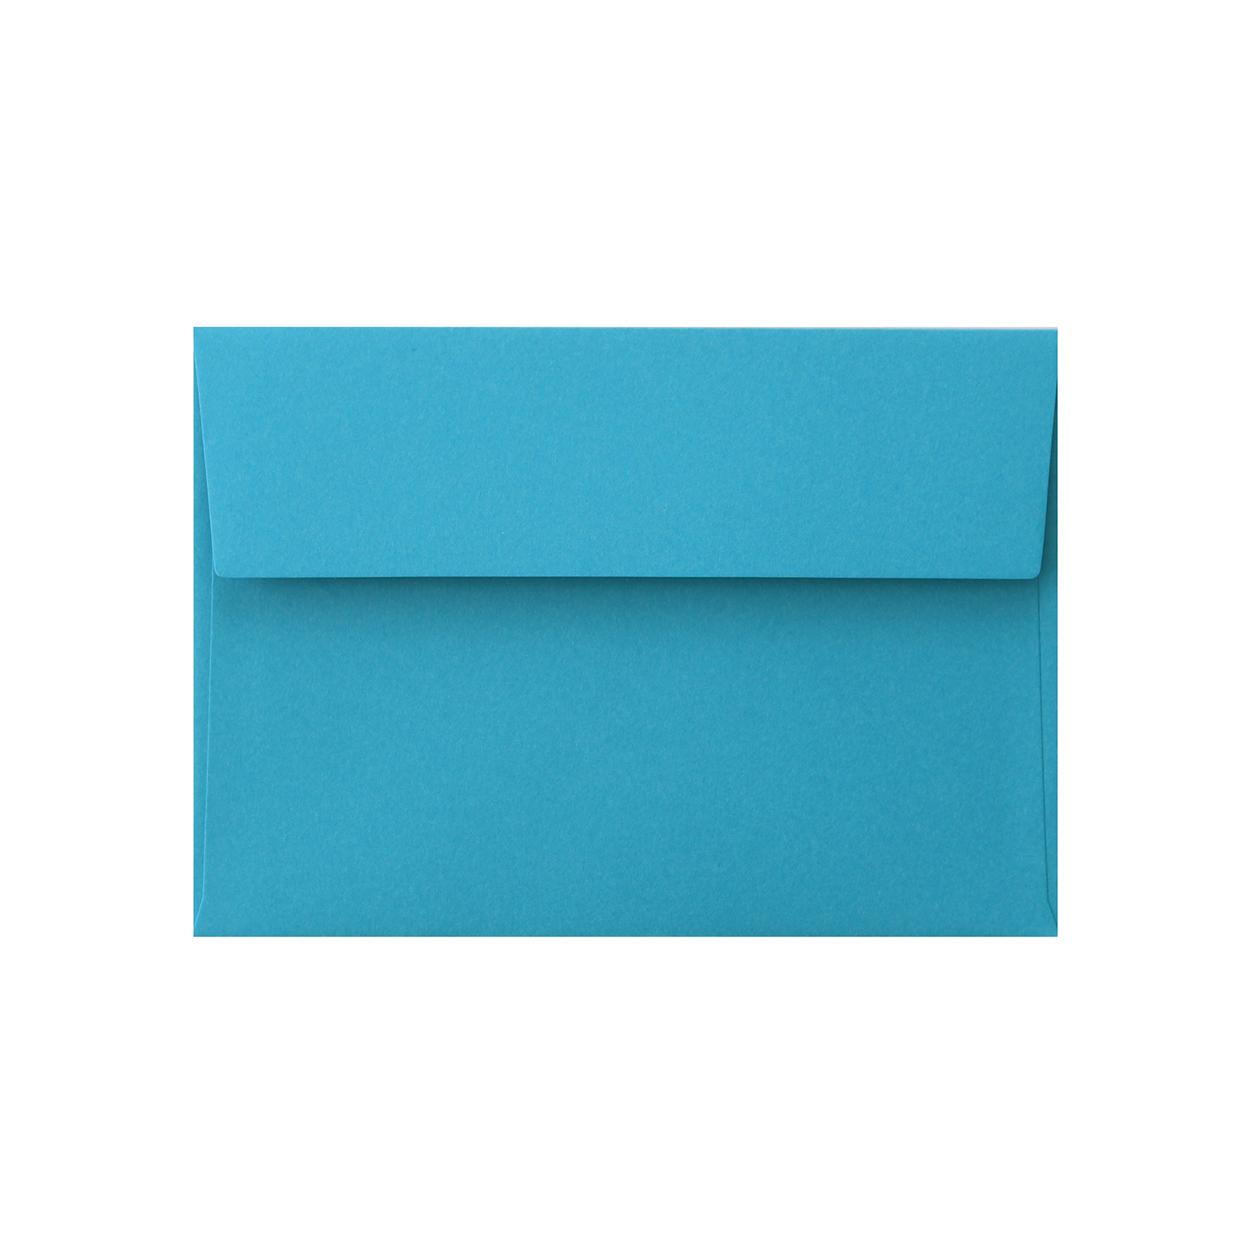 洋2カマス封筒 コットン(NTラシャ) るり 116.3g